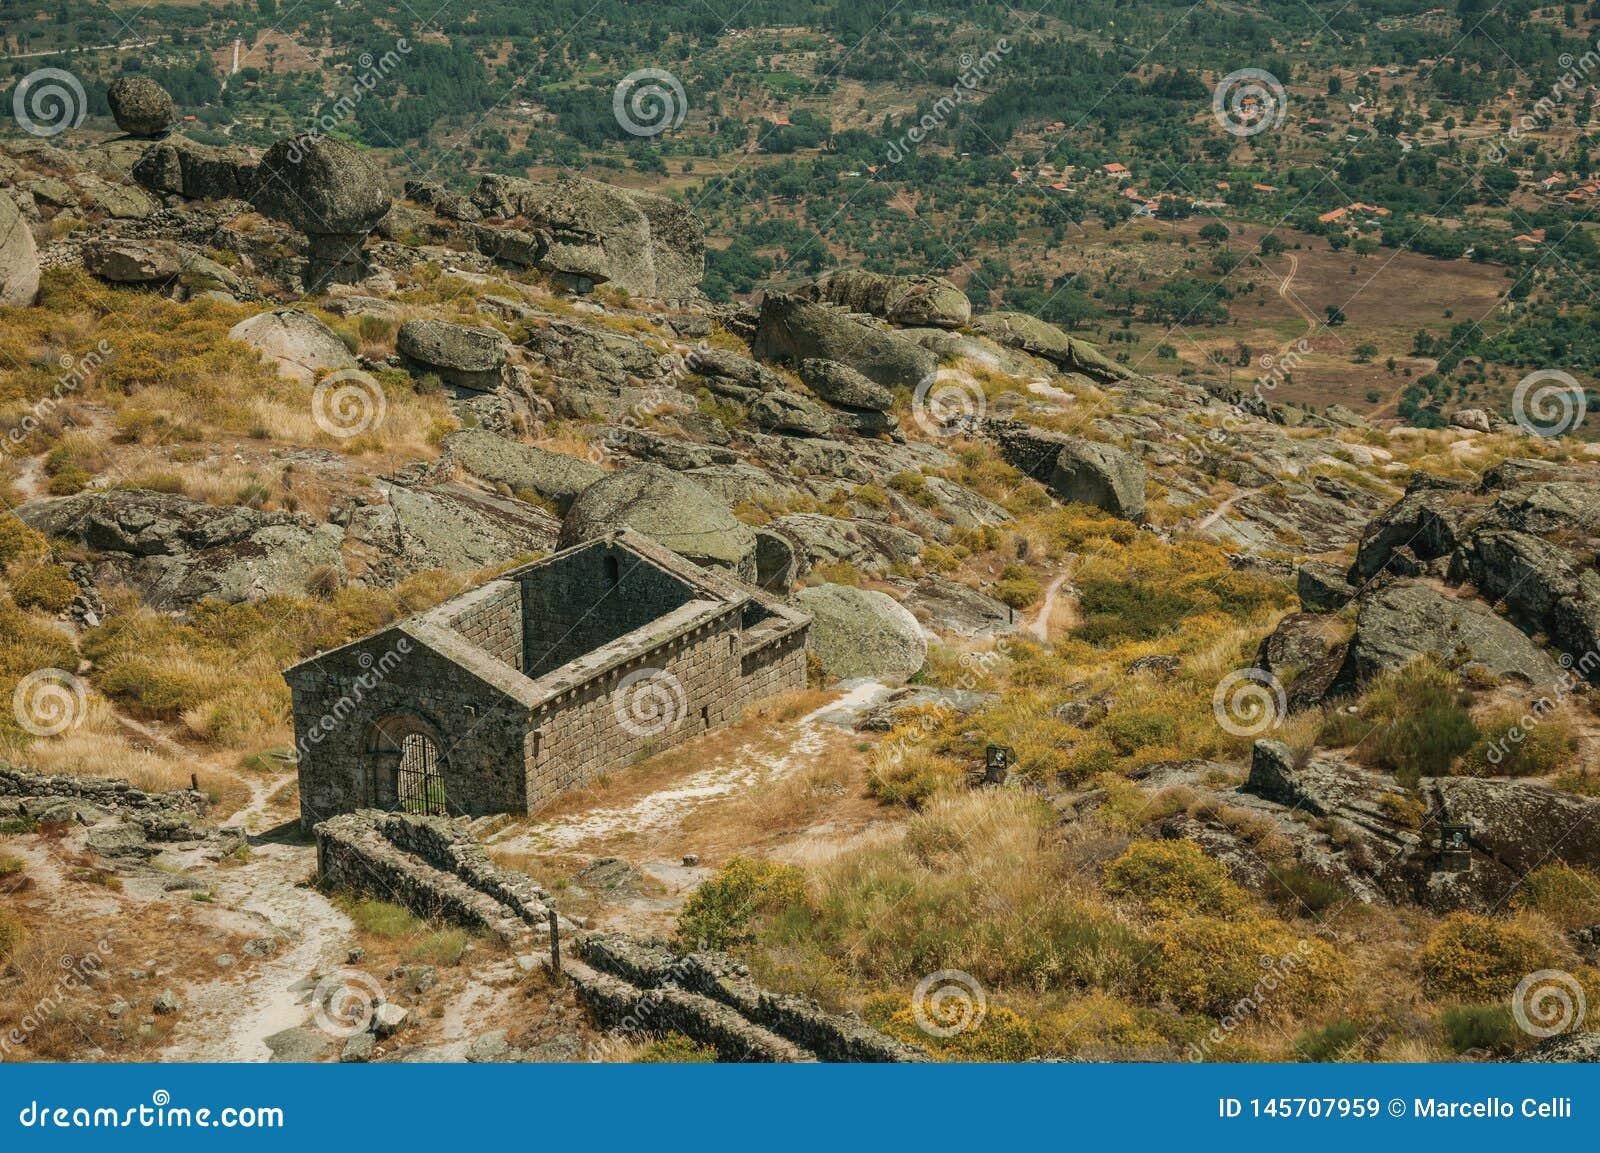 Ruins of the church of São Miguel do Castelo near Monsanto